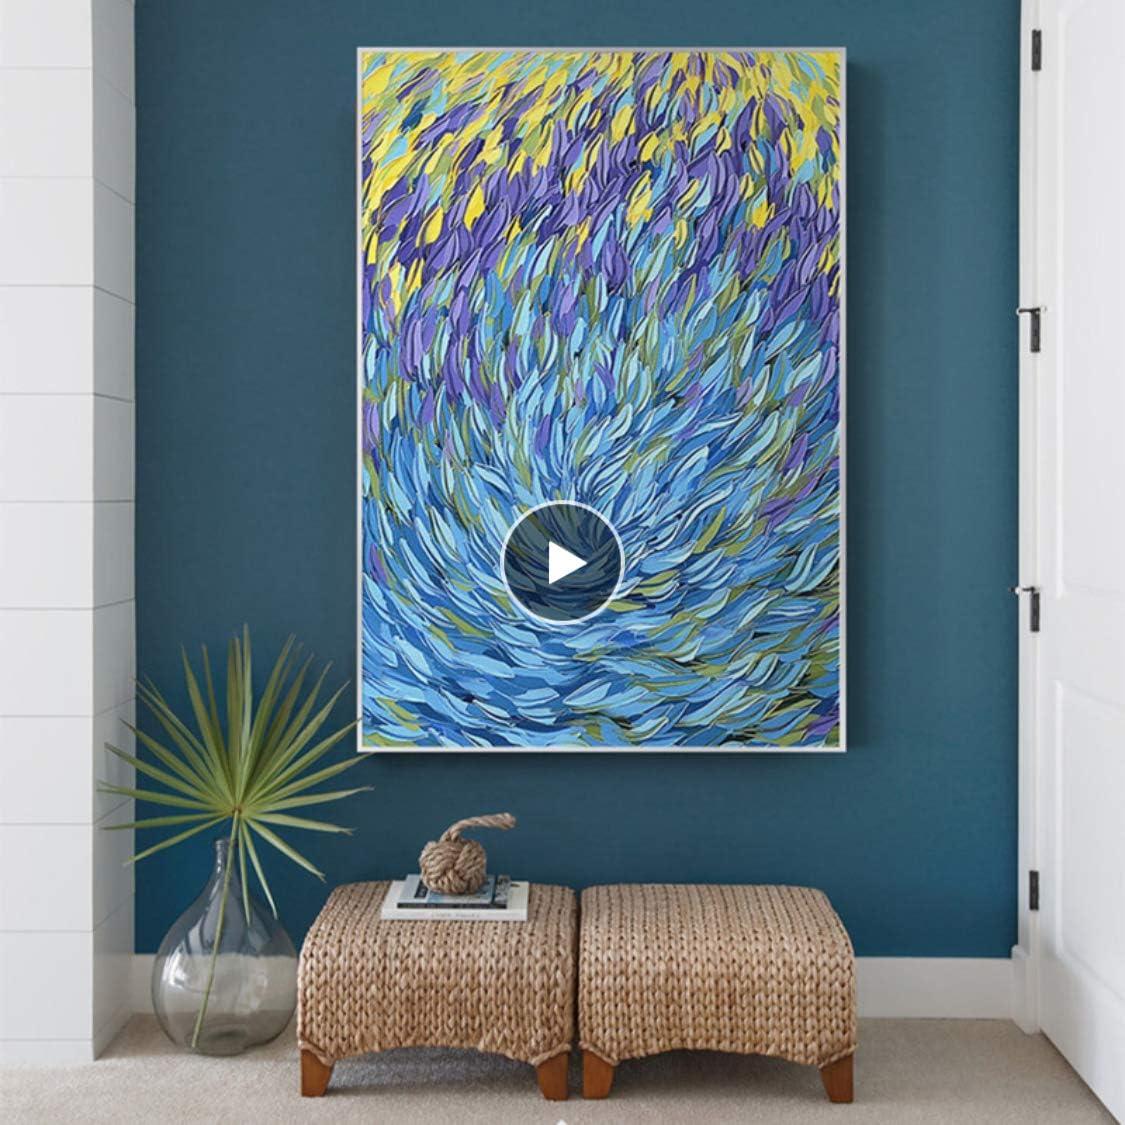 Danjiao Famosos Peces Abstractos Lienzo Pintura Ocaen Mar Azul Decoración Del Hogar Arte De La Pared Cuadros Para Sala Carteles E Impresiones Sala De Estar Decor 60x90cm